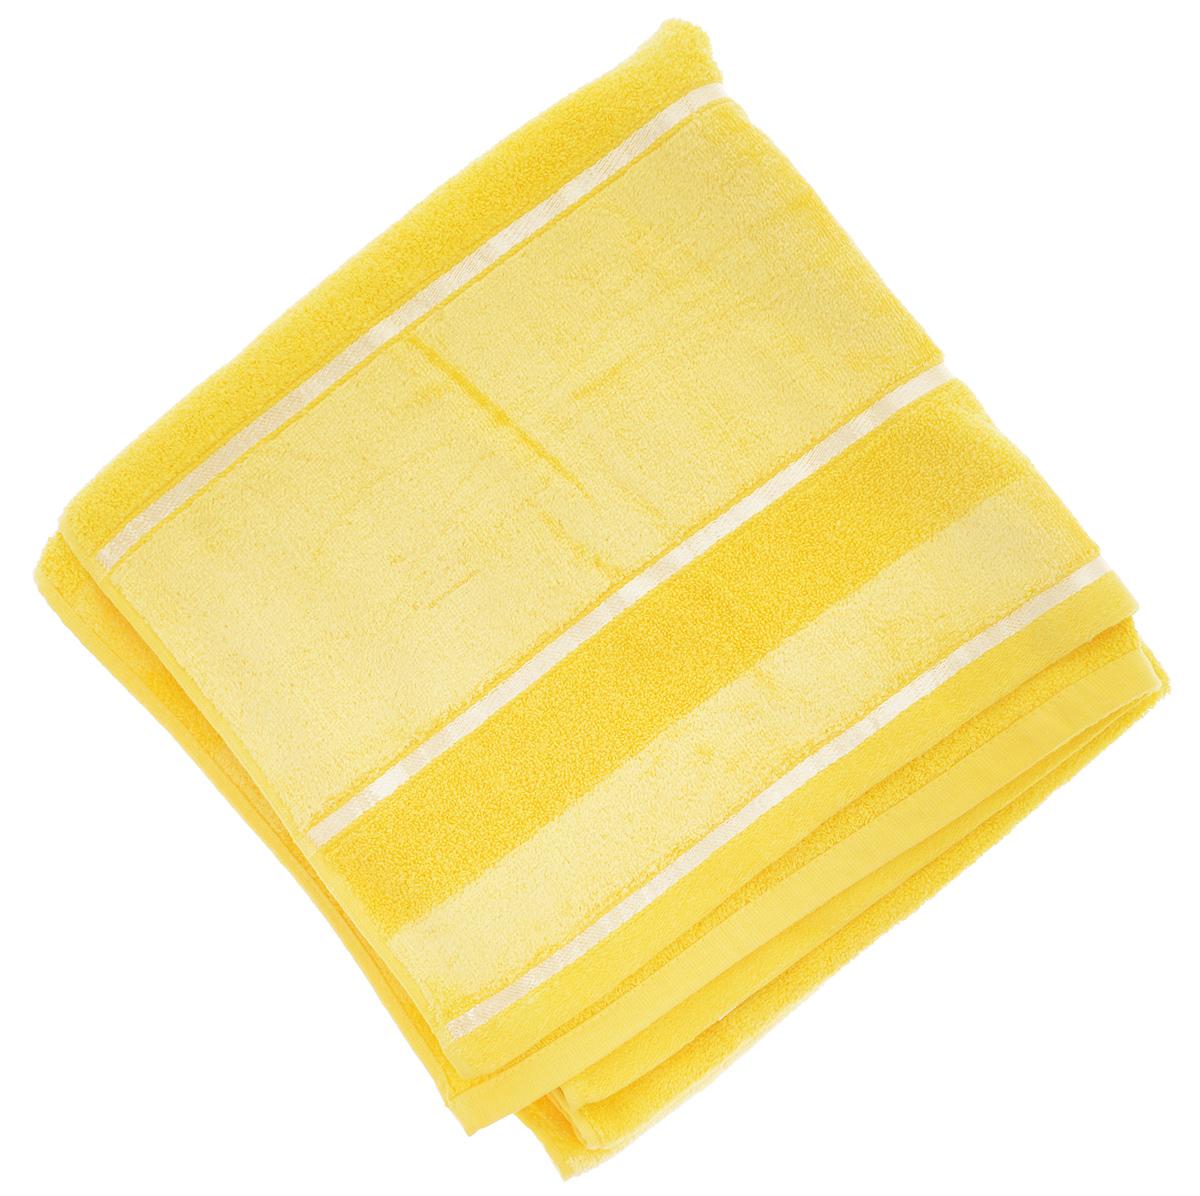 Полотенце Soavita Louise, цвет: желтый, 70 х 140 см64035Полотенце Soavita Louise выполнено из 100% хлопка. Все детали качественно прошиты, ткань очень плотная, не линяет и держится много лет. Изделие отлично впитывает влагу, быстро сохнет, сохраняет яркость цвета и не теряет форму даже после многократных стирок. Полотенце очень практично и неприхотливо в уходе. Оно создаст прекрасное настроение и украсит интерьер в ванной комнате.